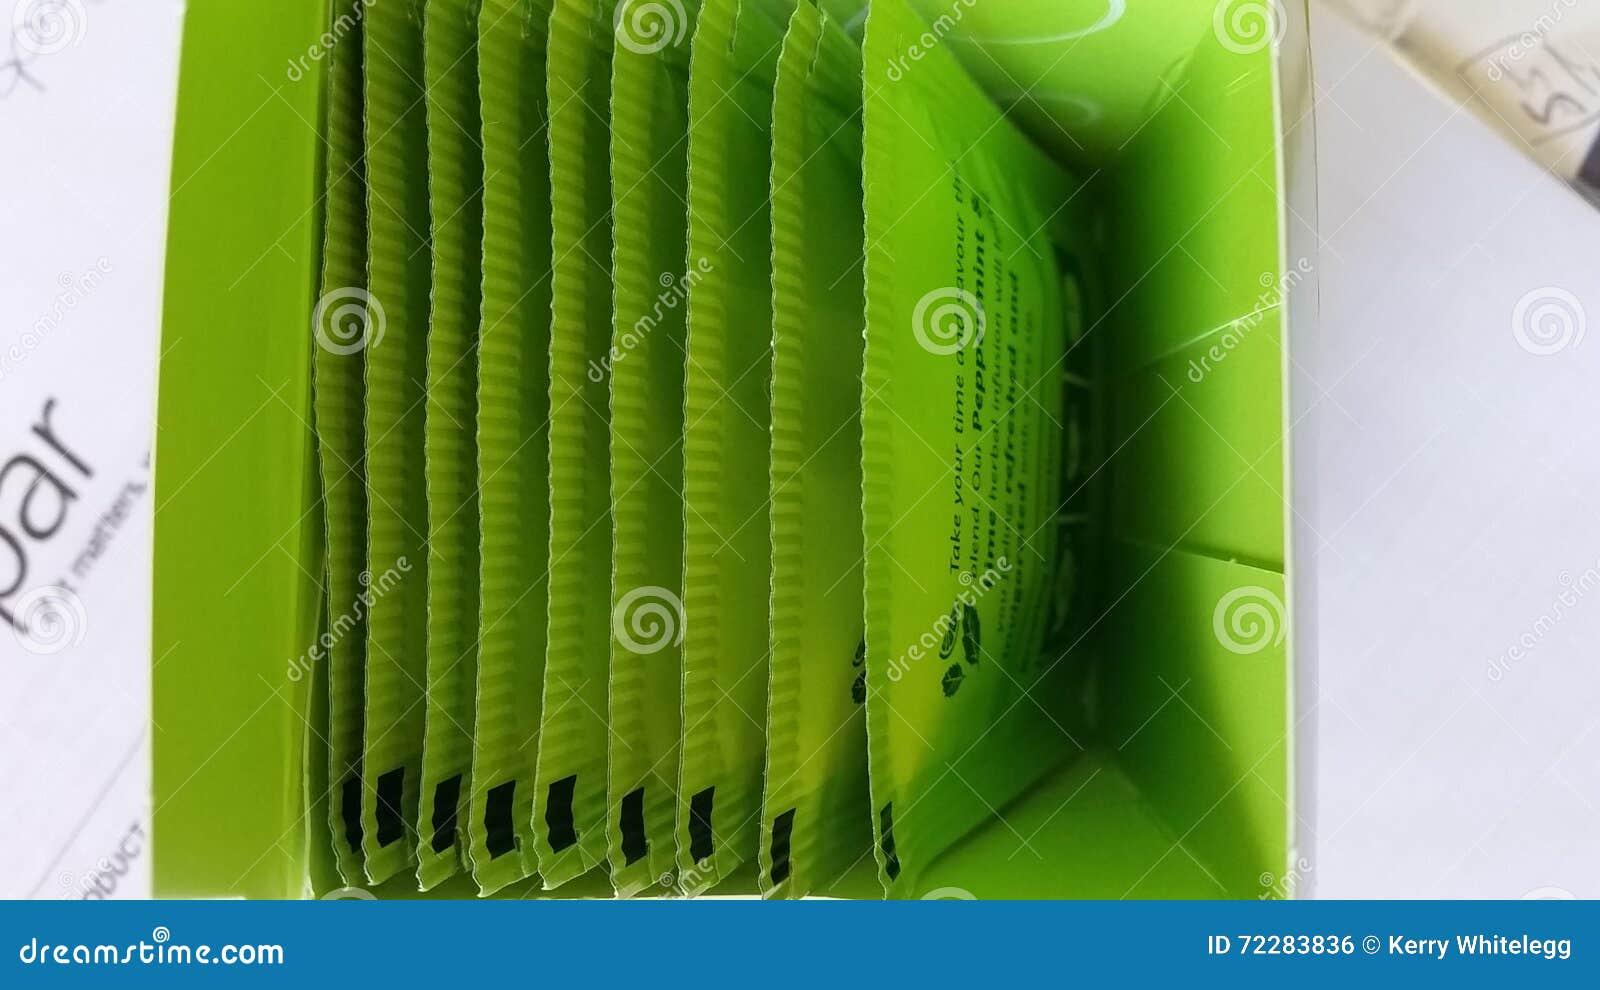 Download Коробка зеленых пакетиков чая Стоковое Фото - изображение насчитывающей взгляд, надземно: 72283836